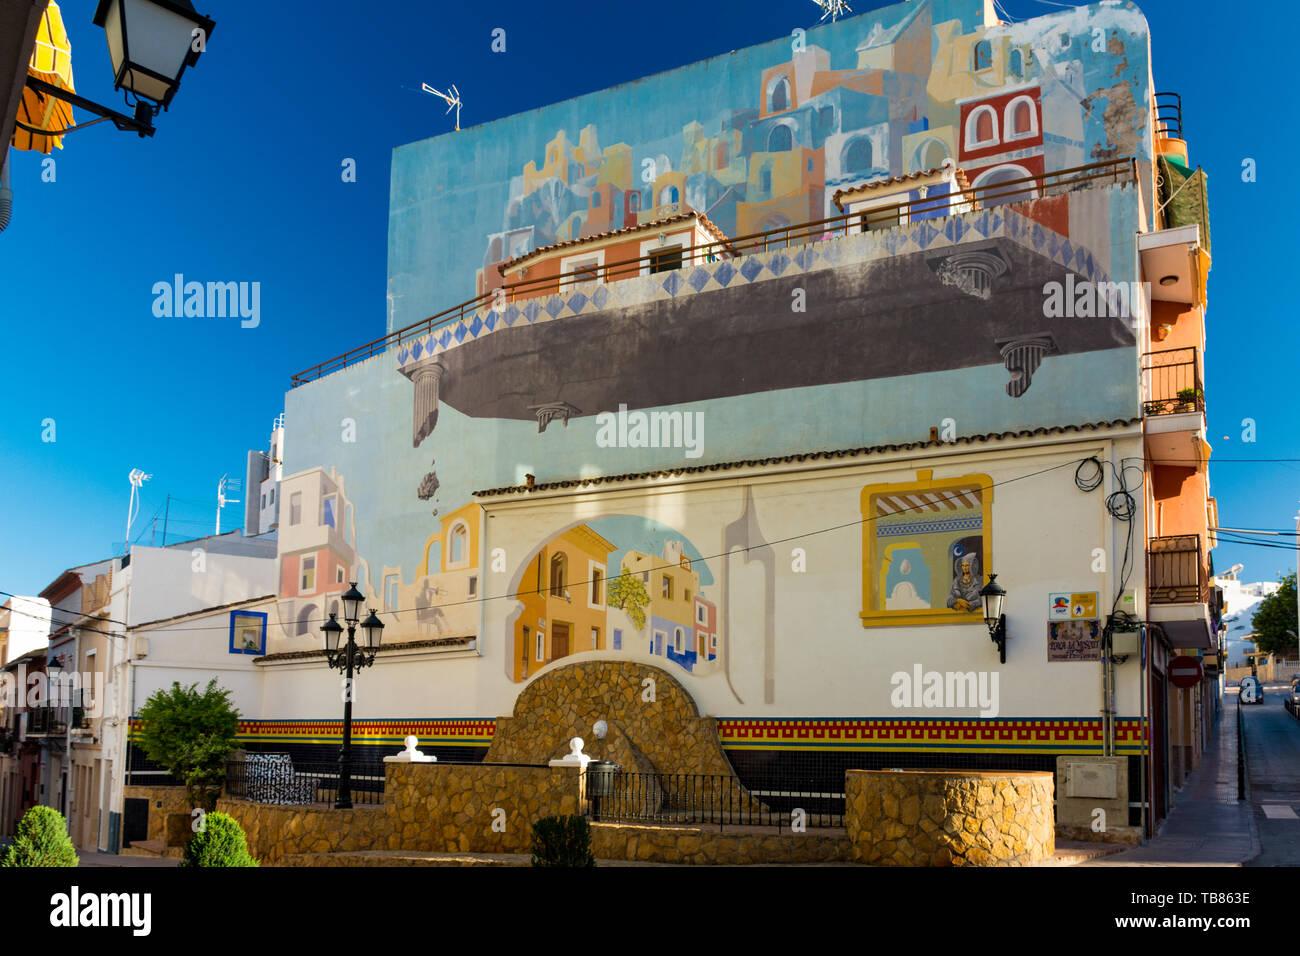 Calpe, Alicante, Espagne. 10 mai 2019: la place de moustiques. Fontaine et mur avec peinture effet visuel. Artiste: Elias Urbez, 1990 Photo Stock